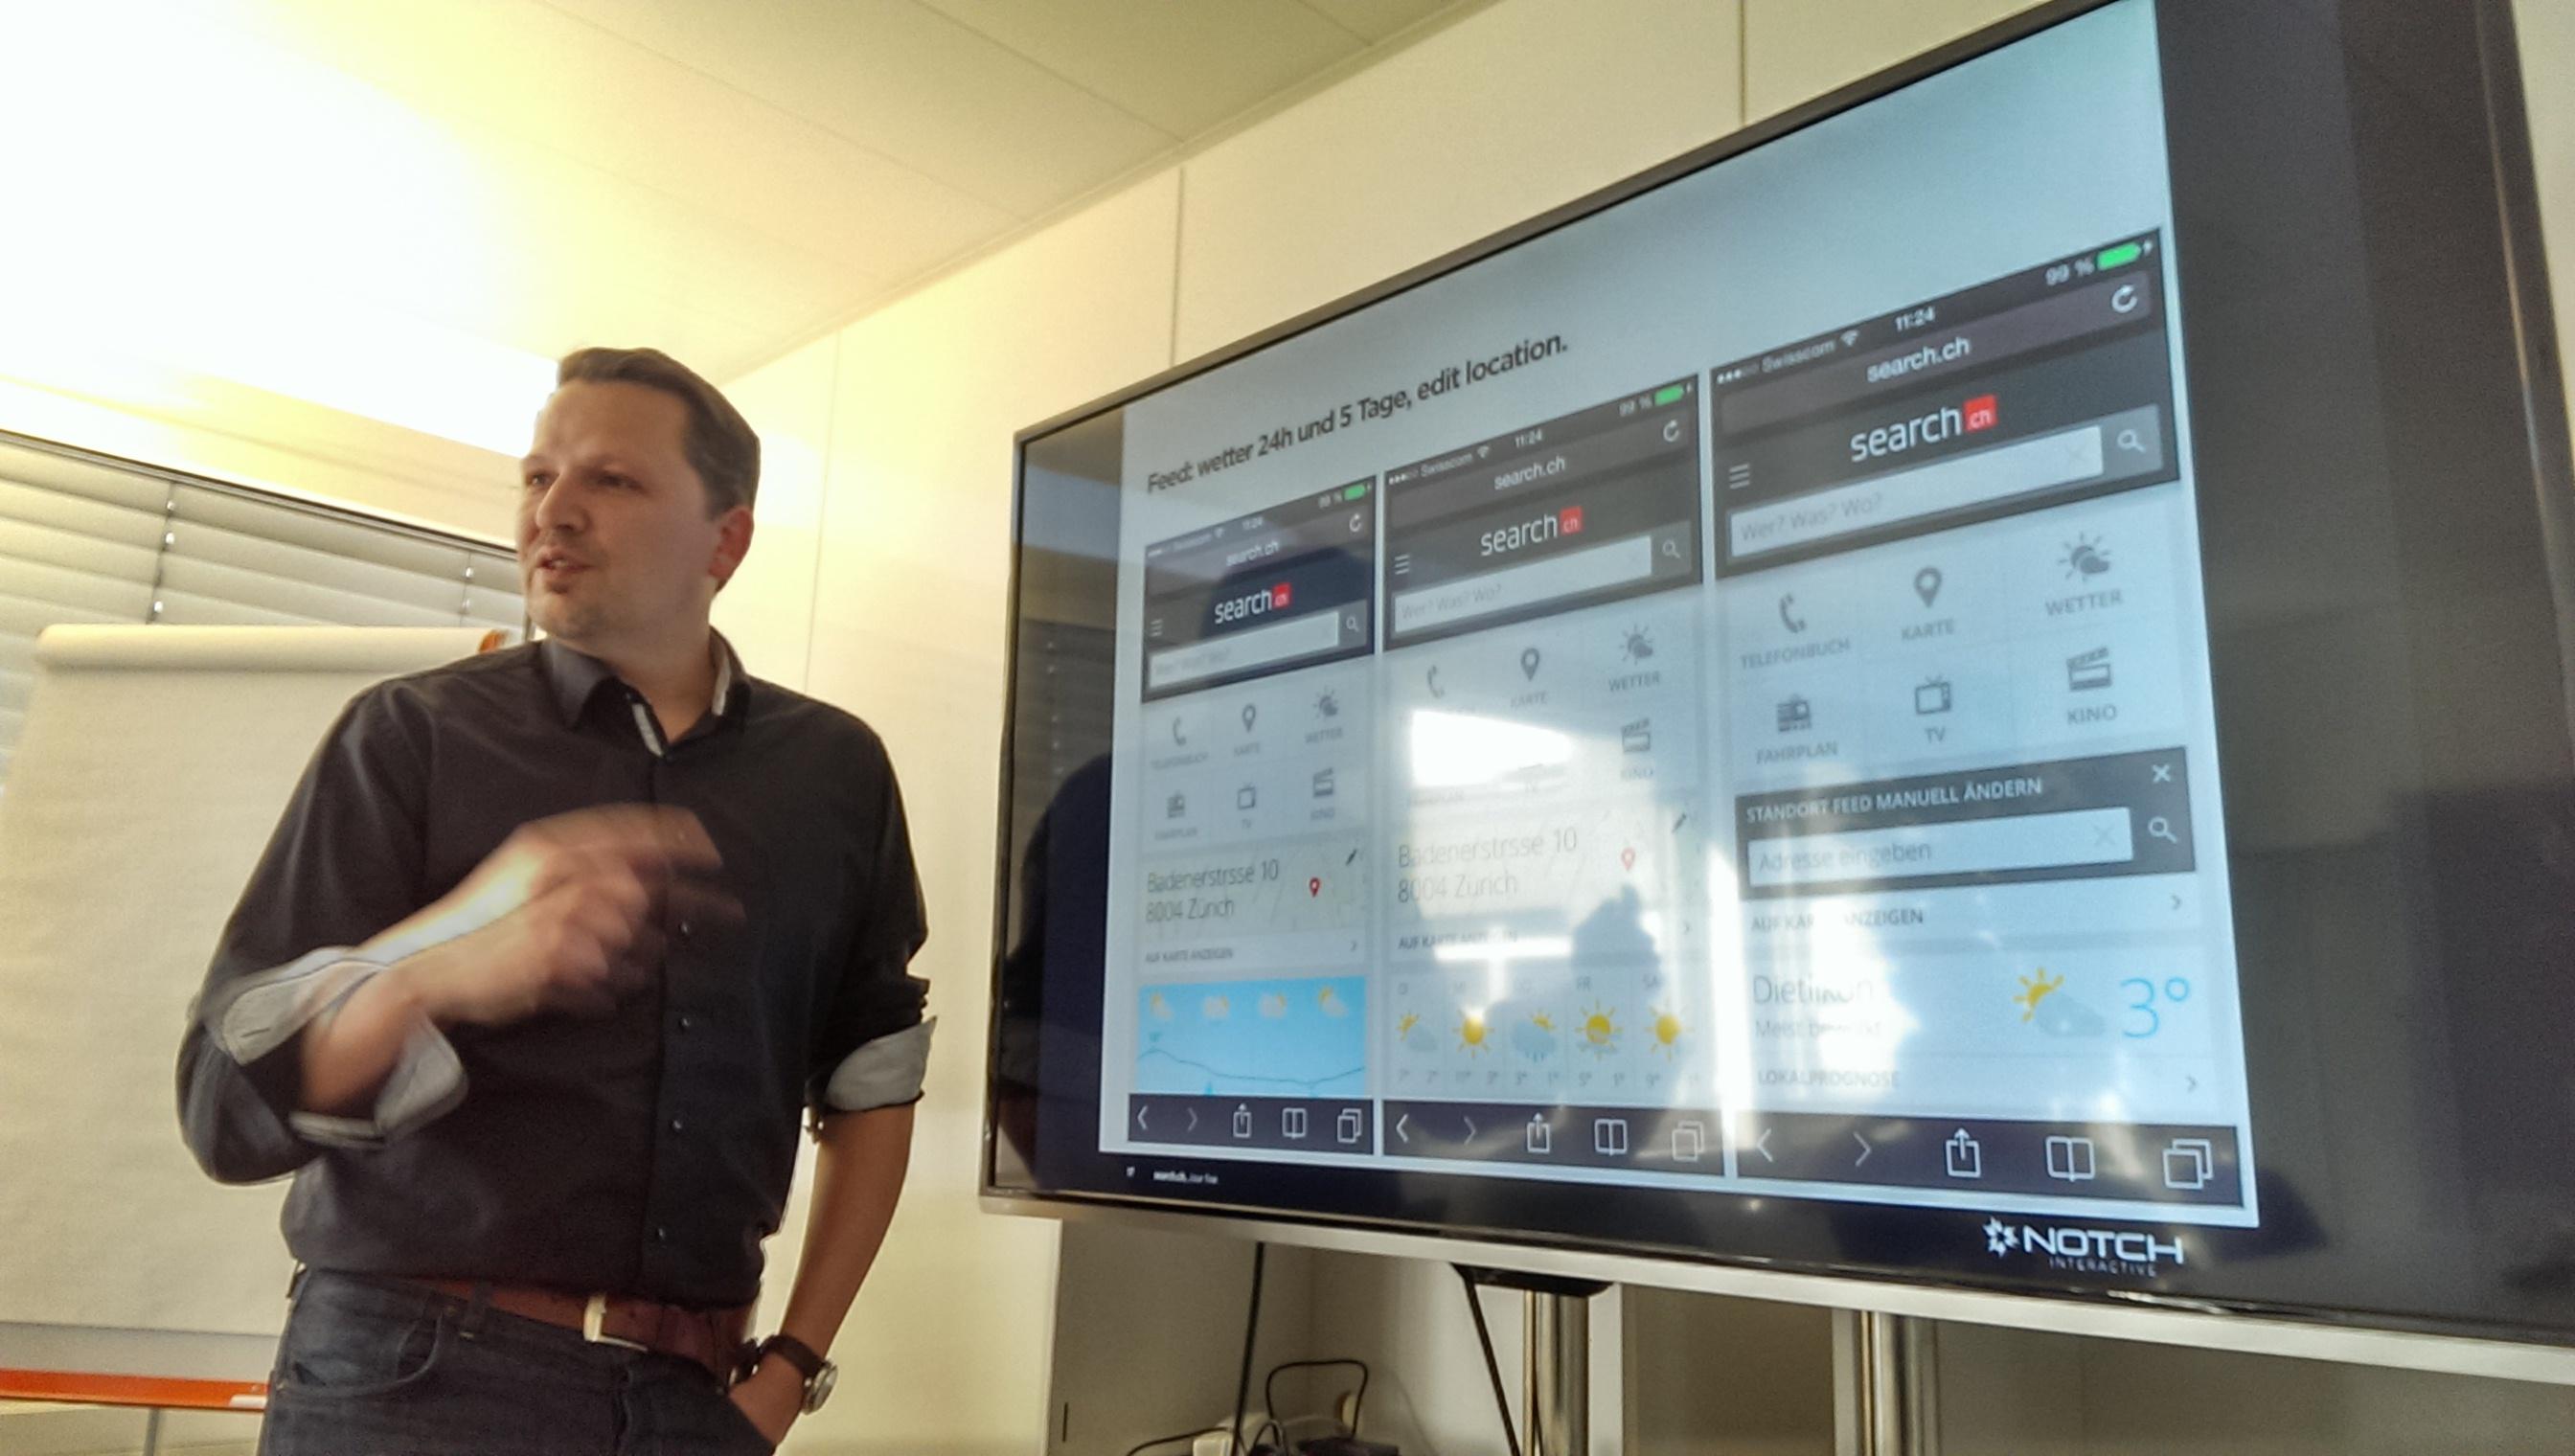 Roger Oberholzer von Notch Interactive präsentiert Designvorschläge